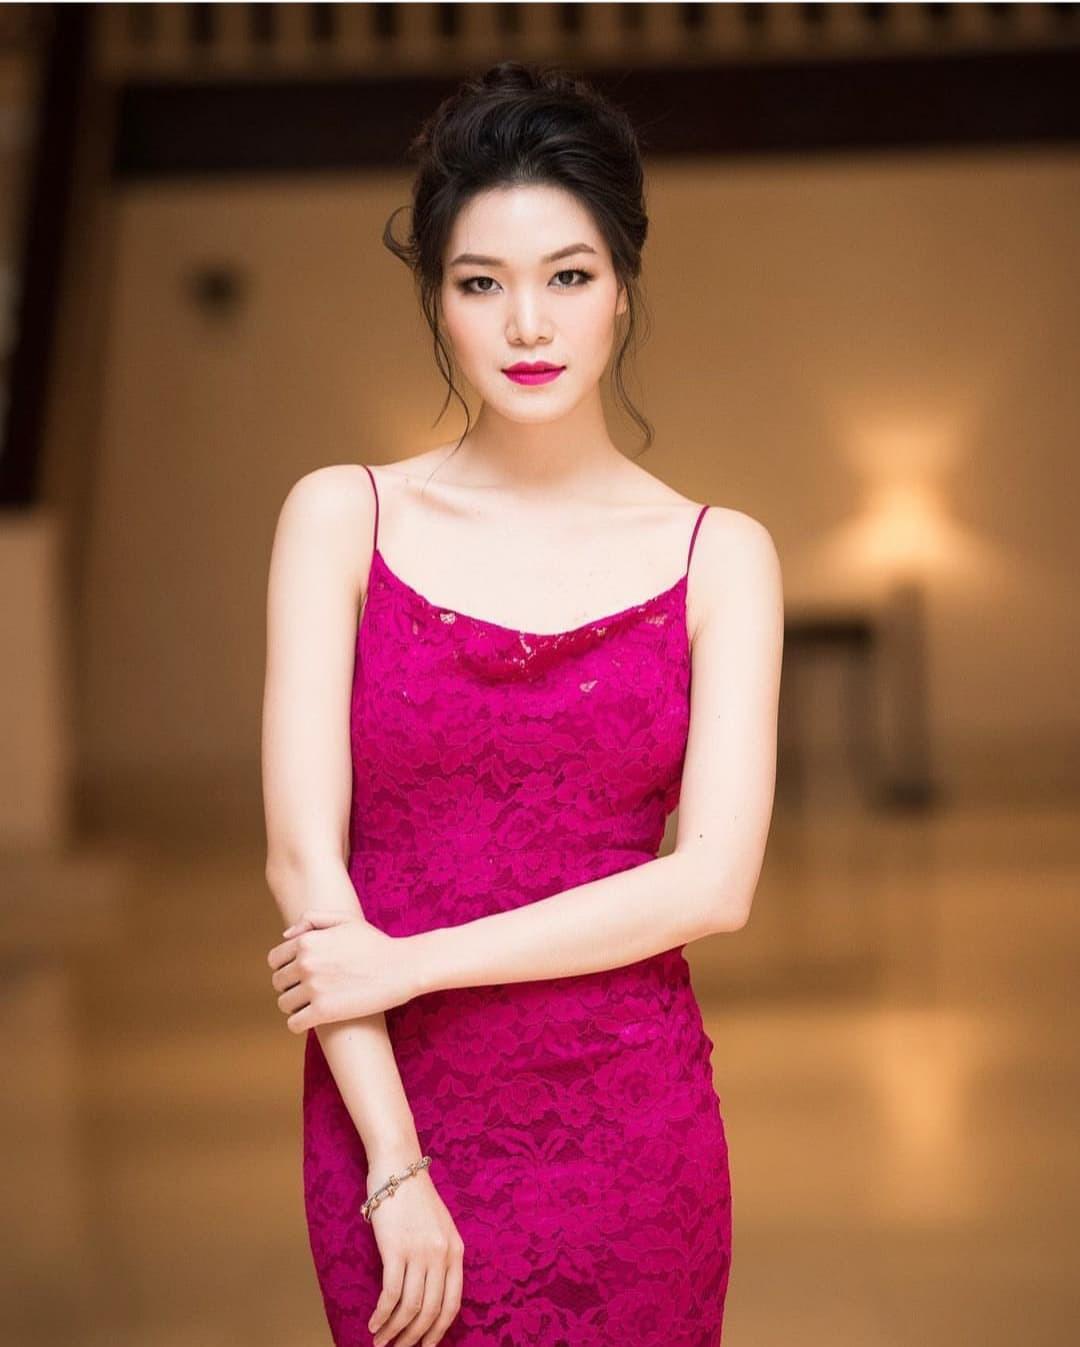 Hoa hậu Việt Nam 2008 Thùy Dung: Từ scandal Hoa hậu học dốt đến ồn ào bị vợ cũ đại gia dằn mặt và hạnh phúc giấu kín ở tuổi 30-9